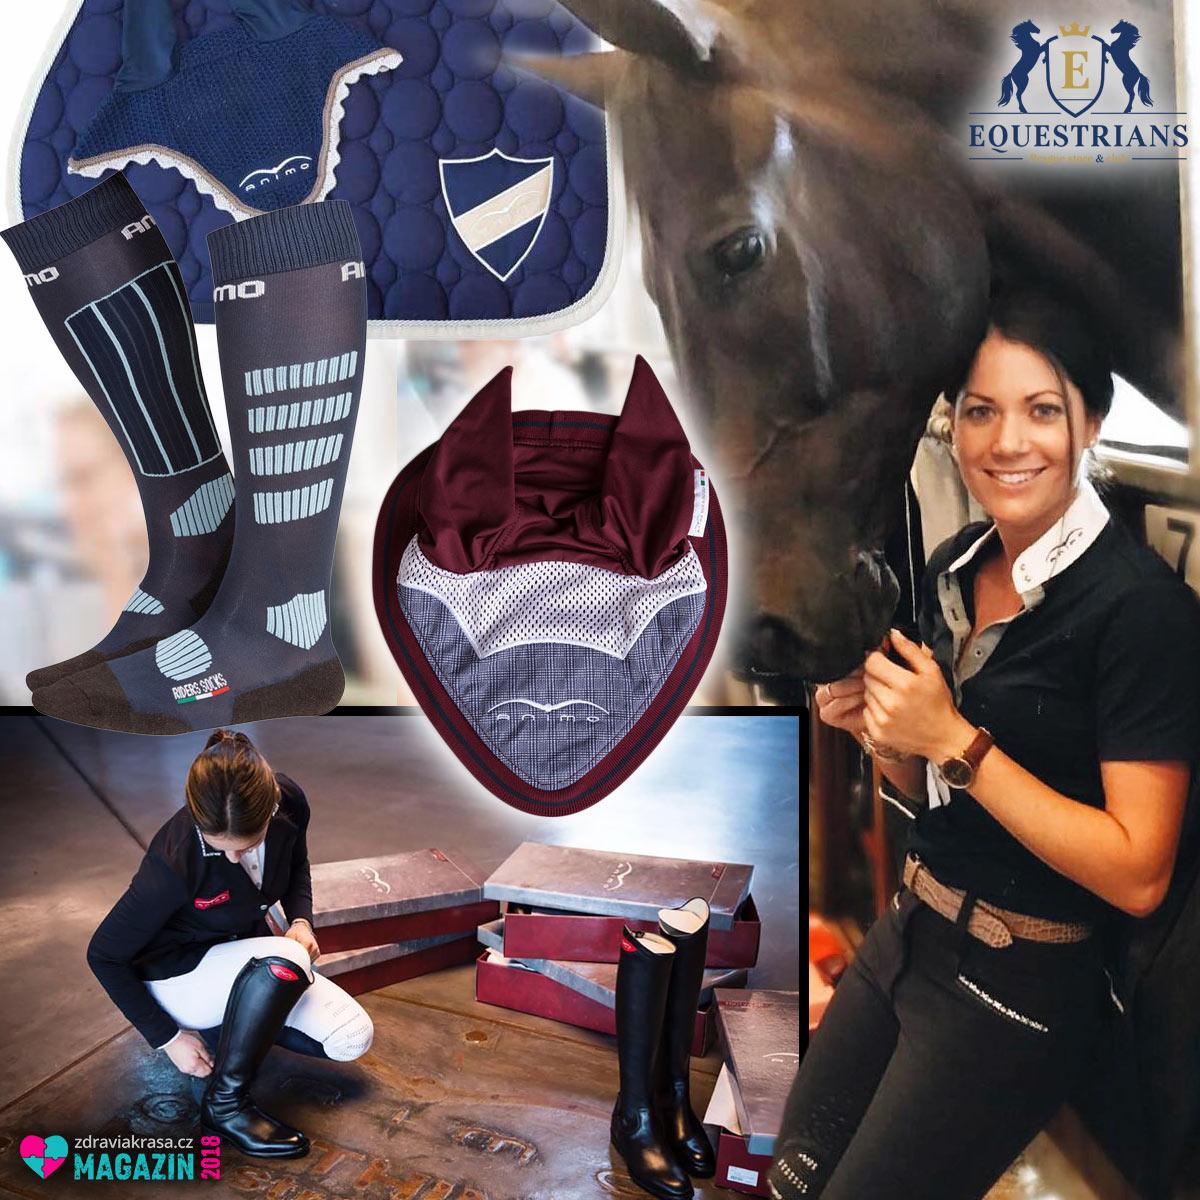 Jezdecké oblečení i potřeby pro koně značky Animo koupíte v e-shopu a kamenné prodejně Equestrians.